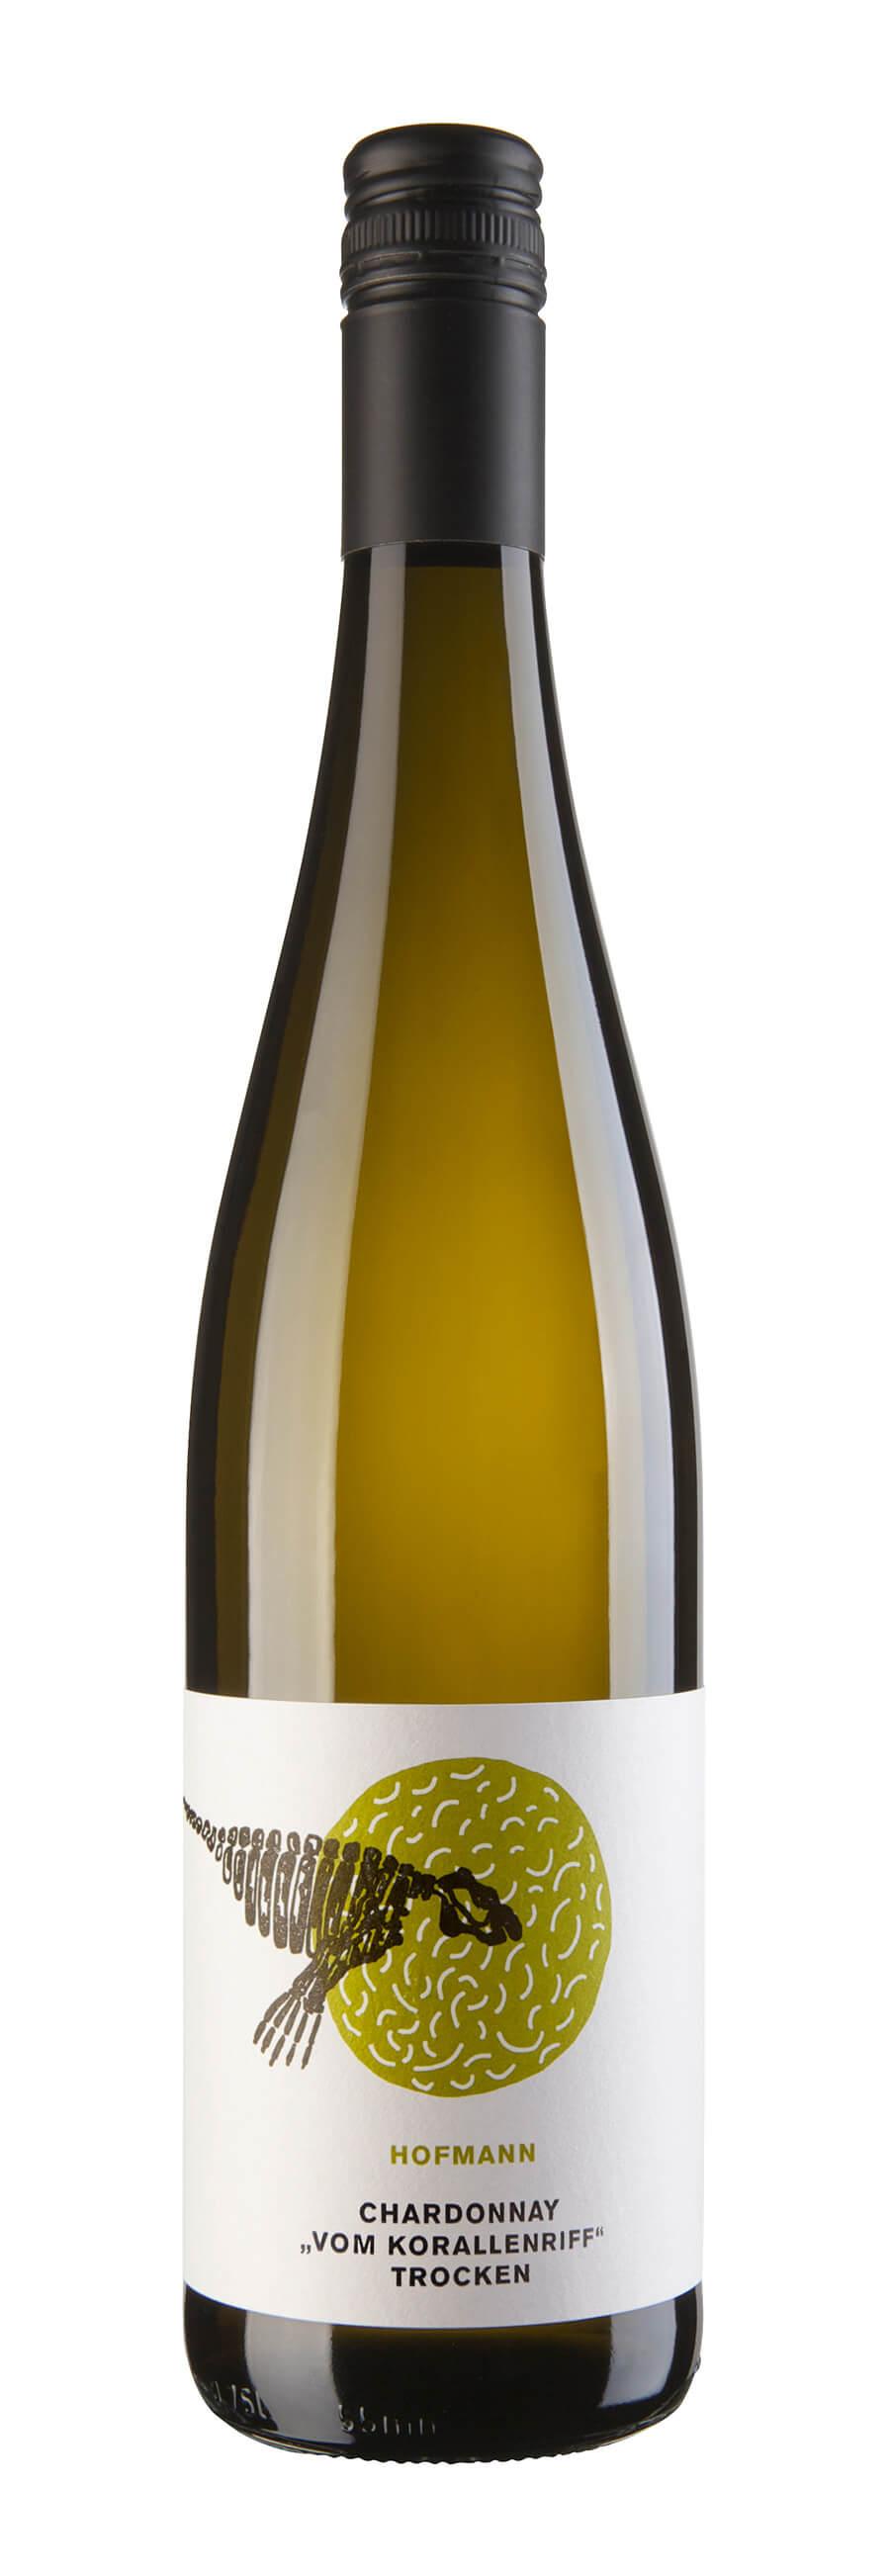 Chardonnay vom Korallenriff